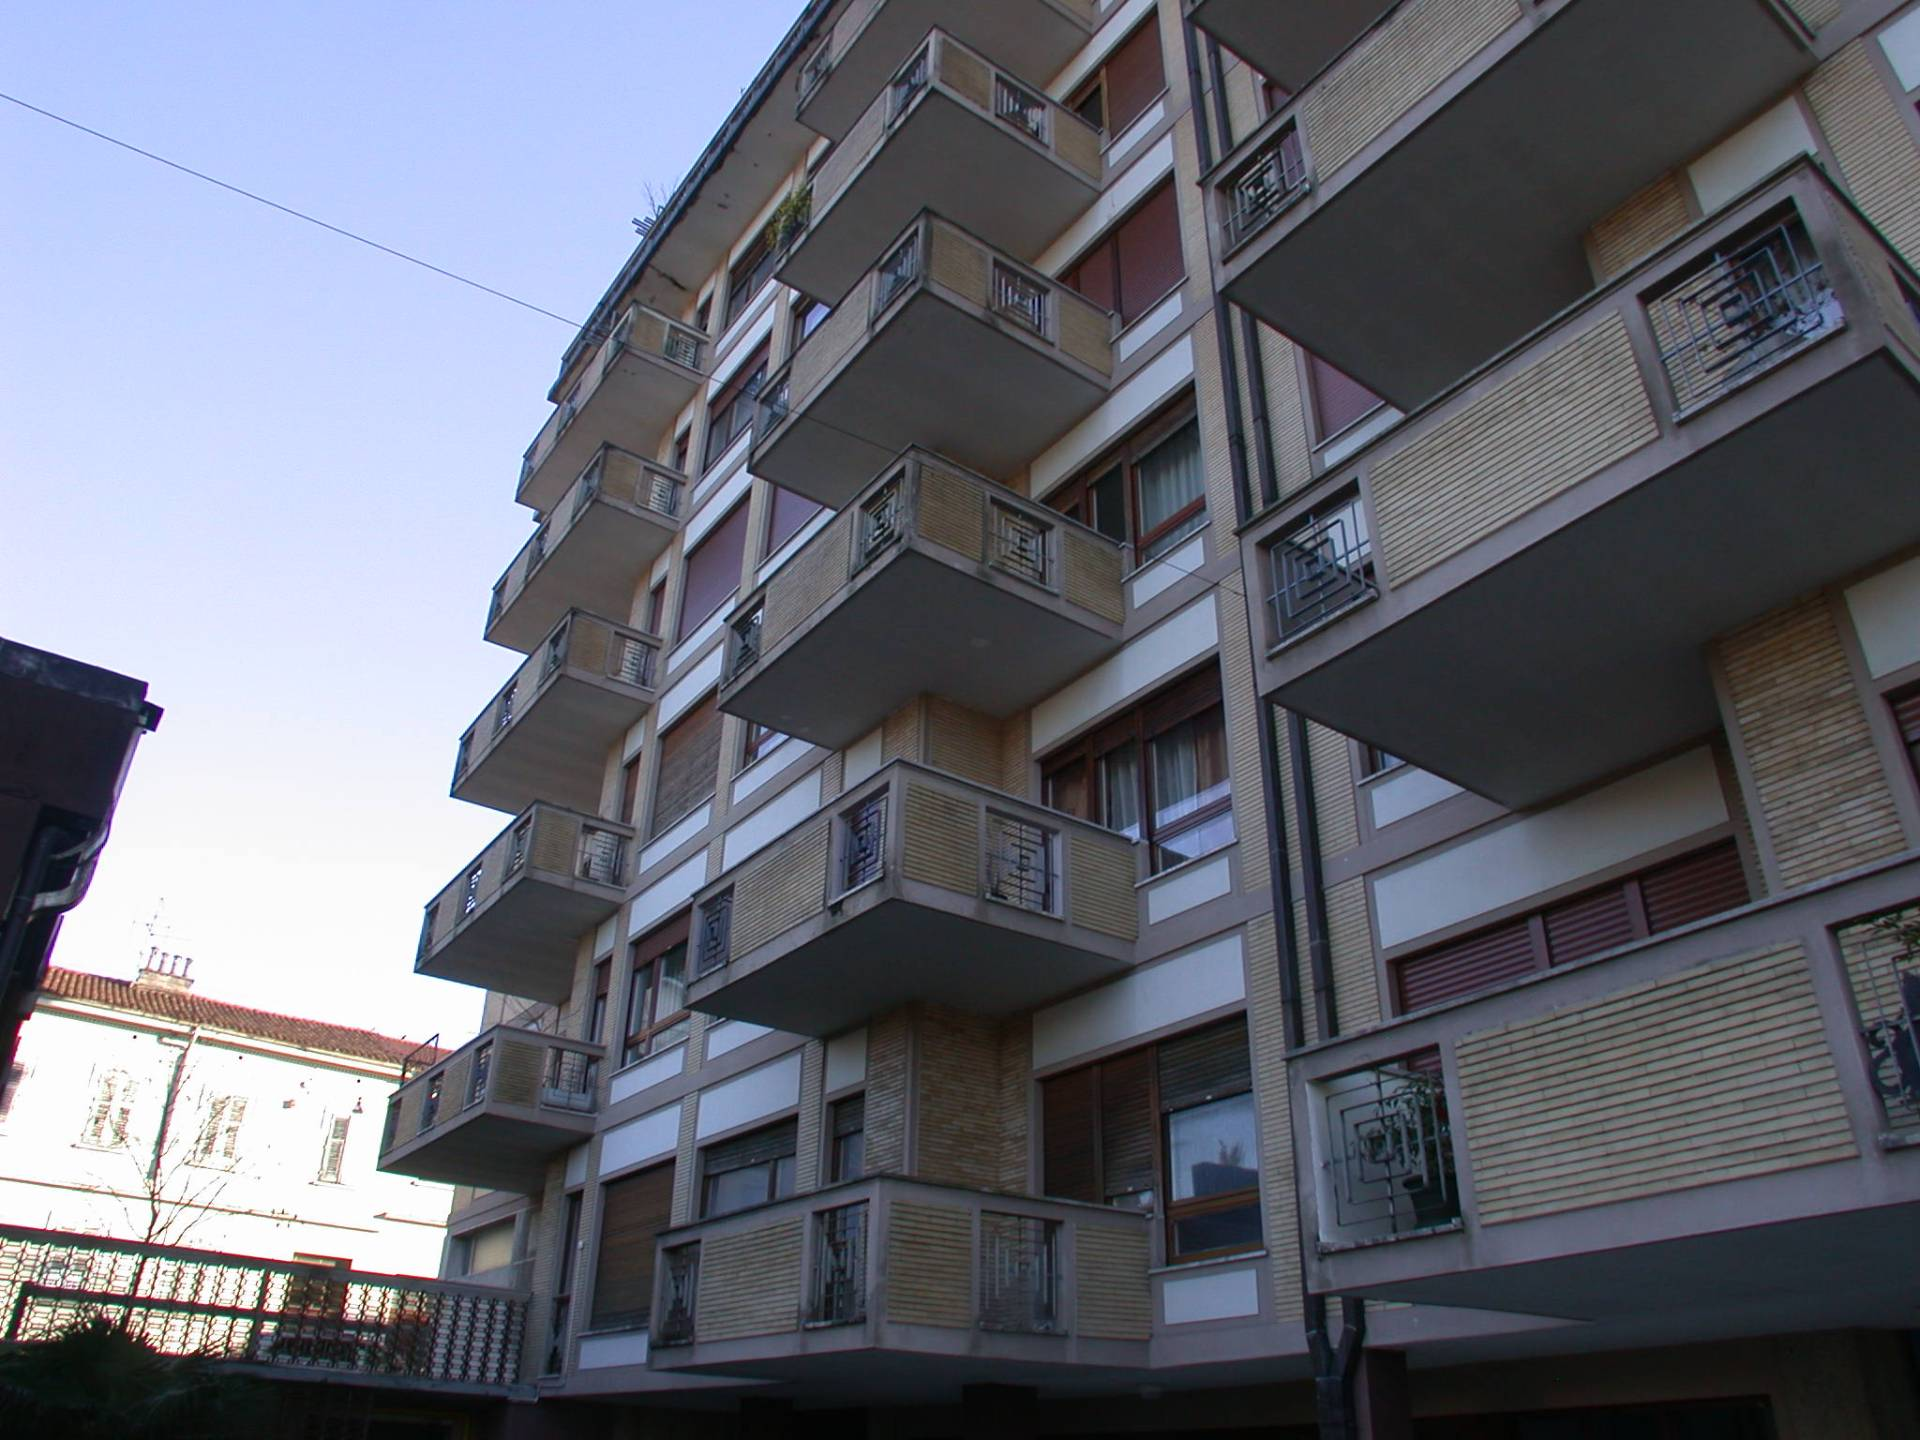 Appartamento in affitto a Gorizia, 7 locali, zona Località: centro, prezzo € 385 | Cambio Casa.it